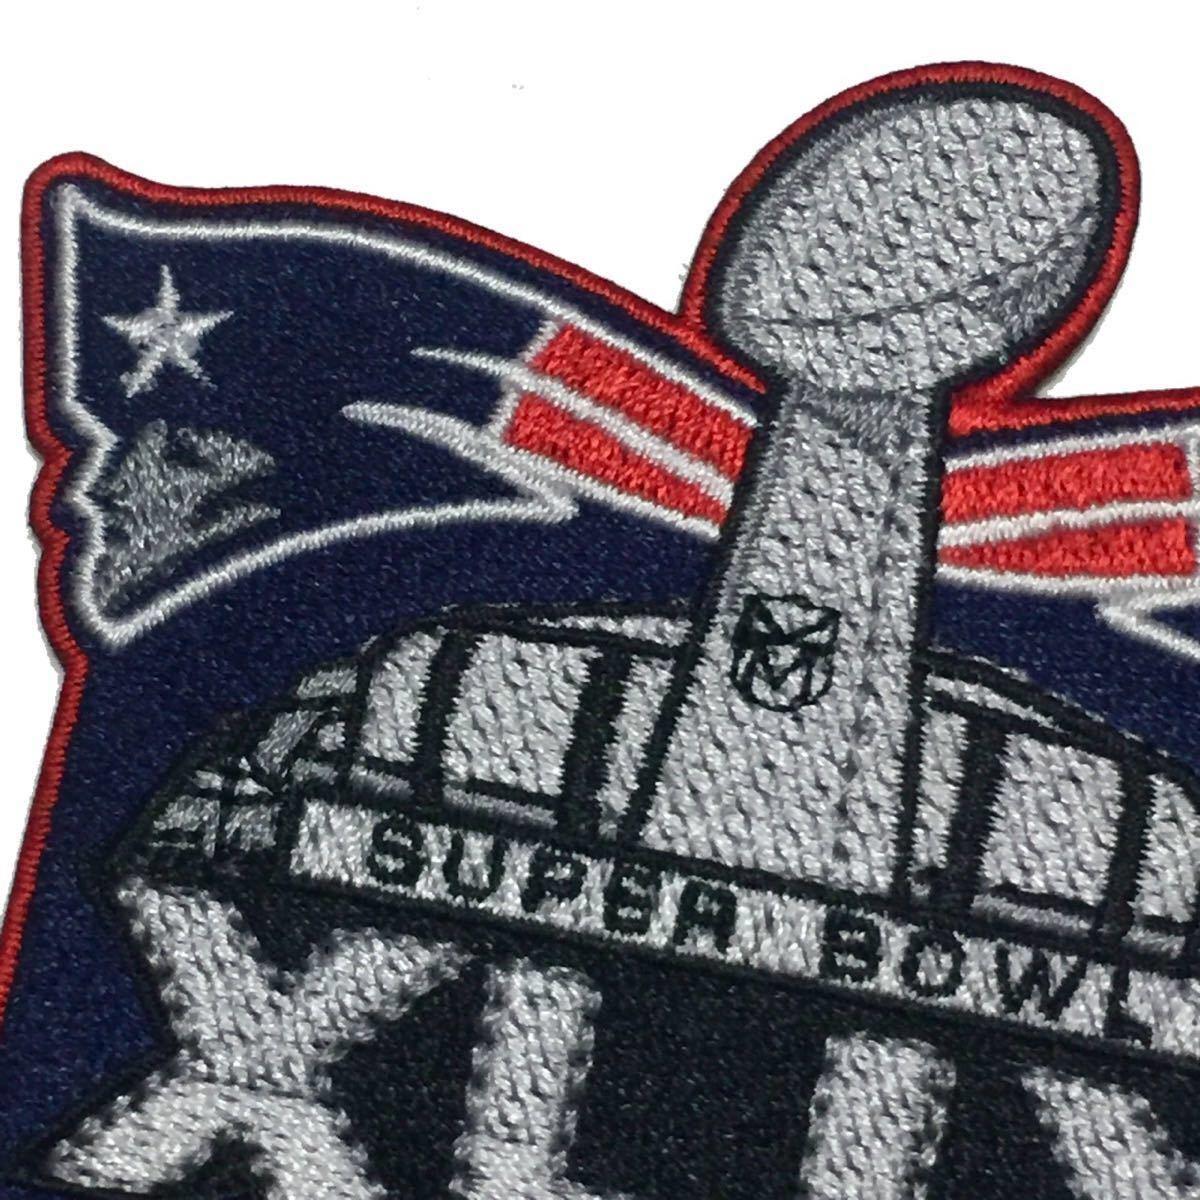 NFL ニューイングランド・ペイトリオッツ スーパーボウル チャンピオン 2015 ワッペン_画像2